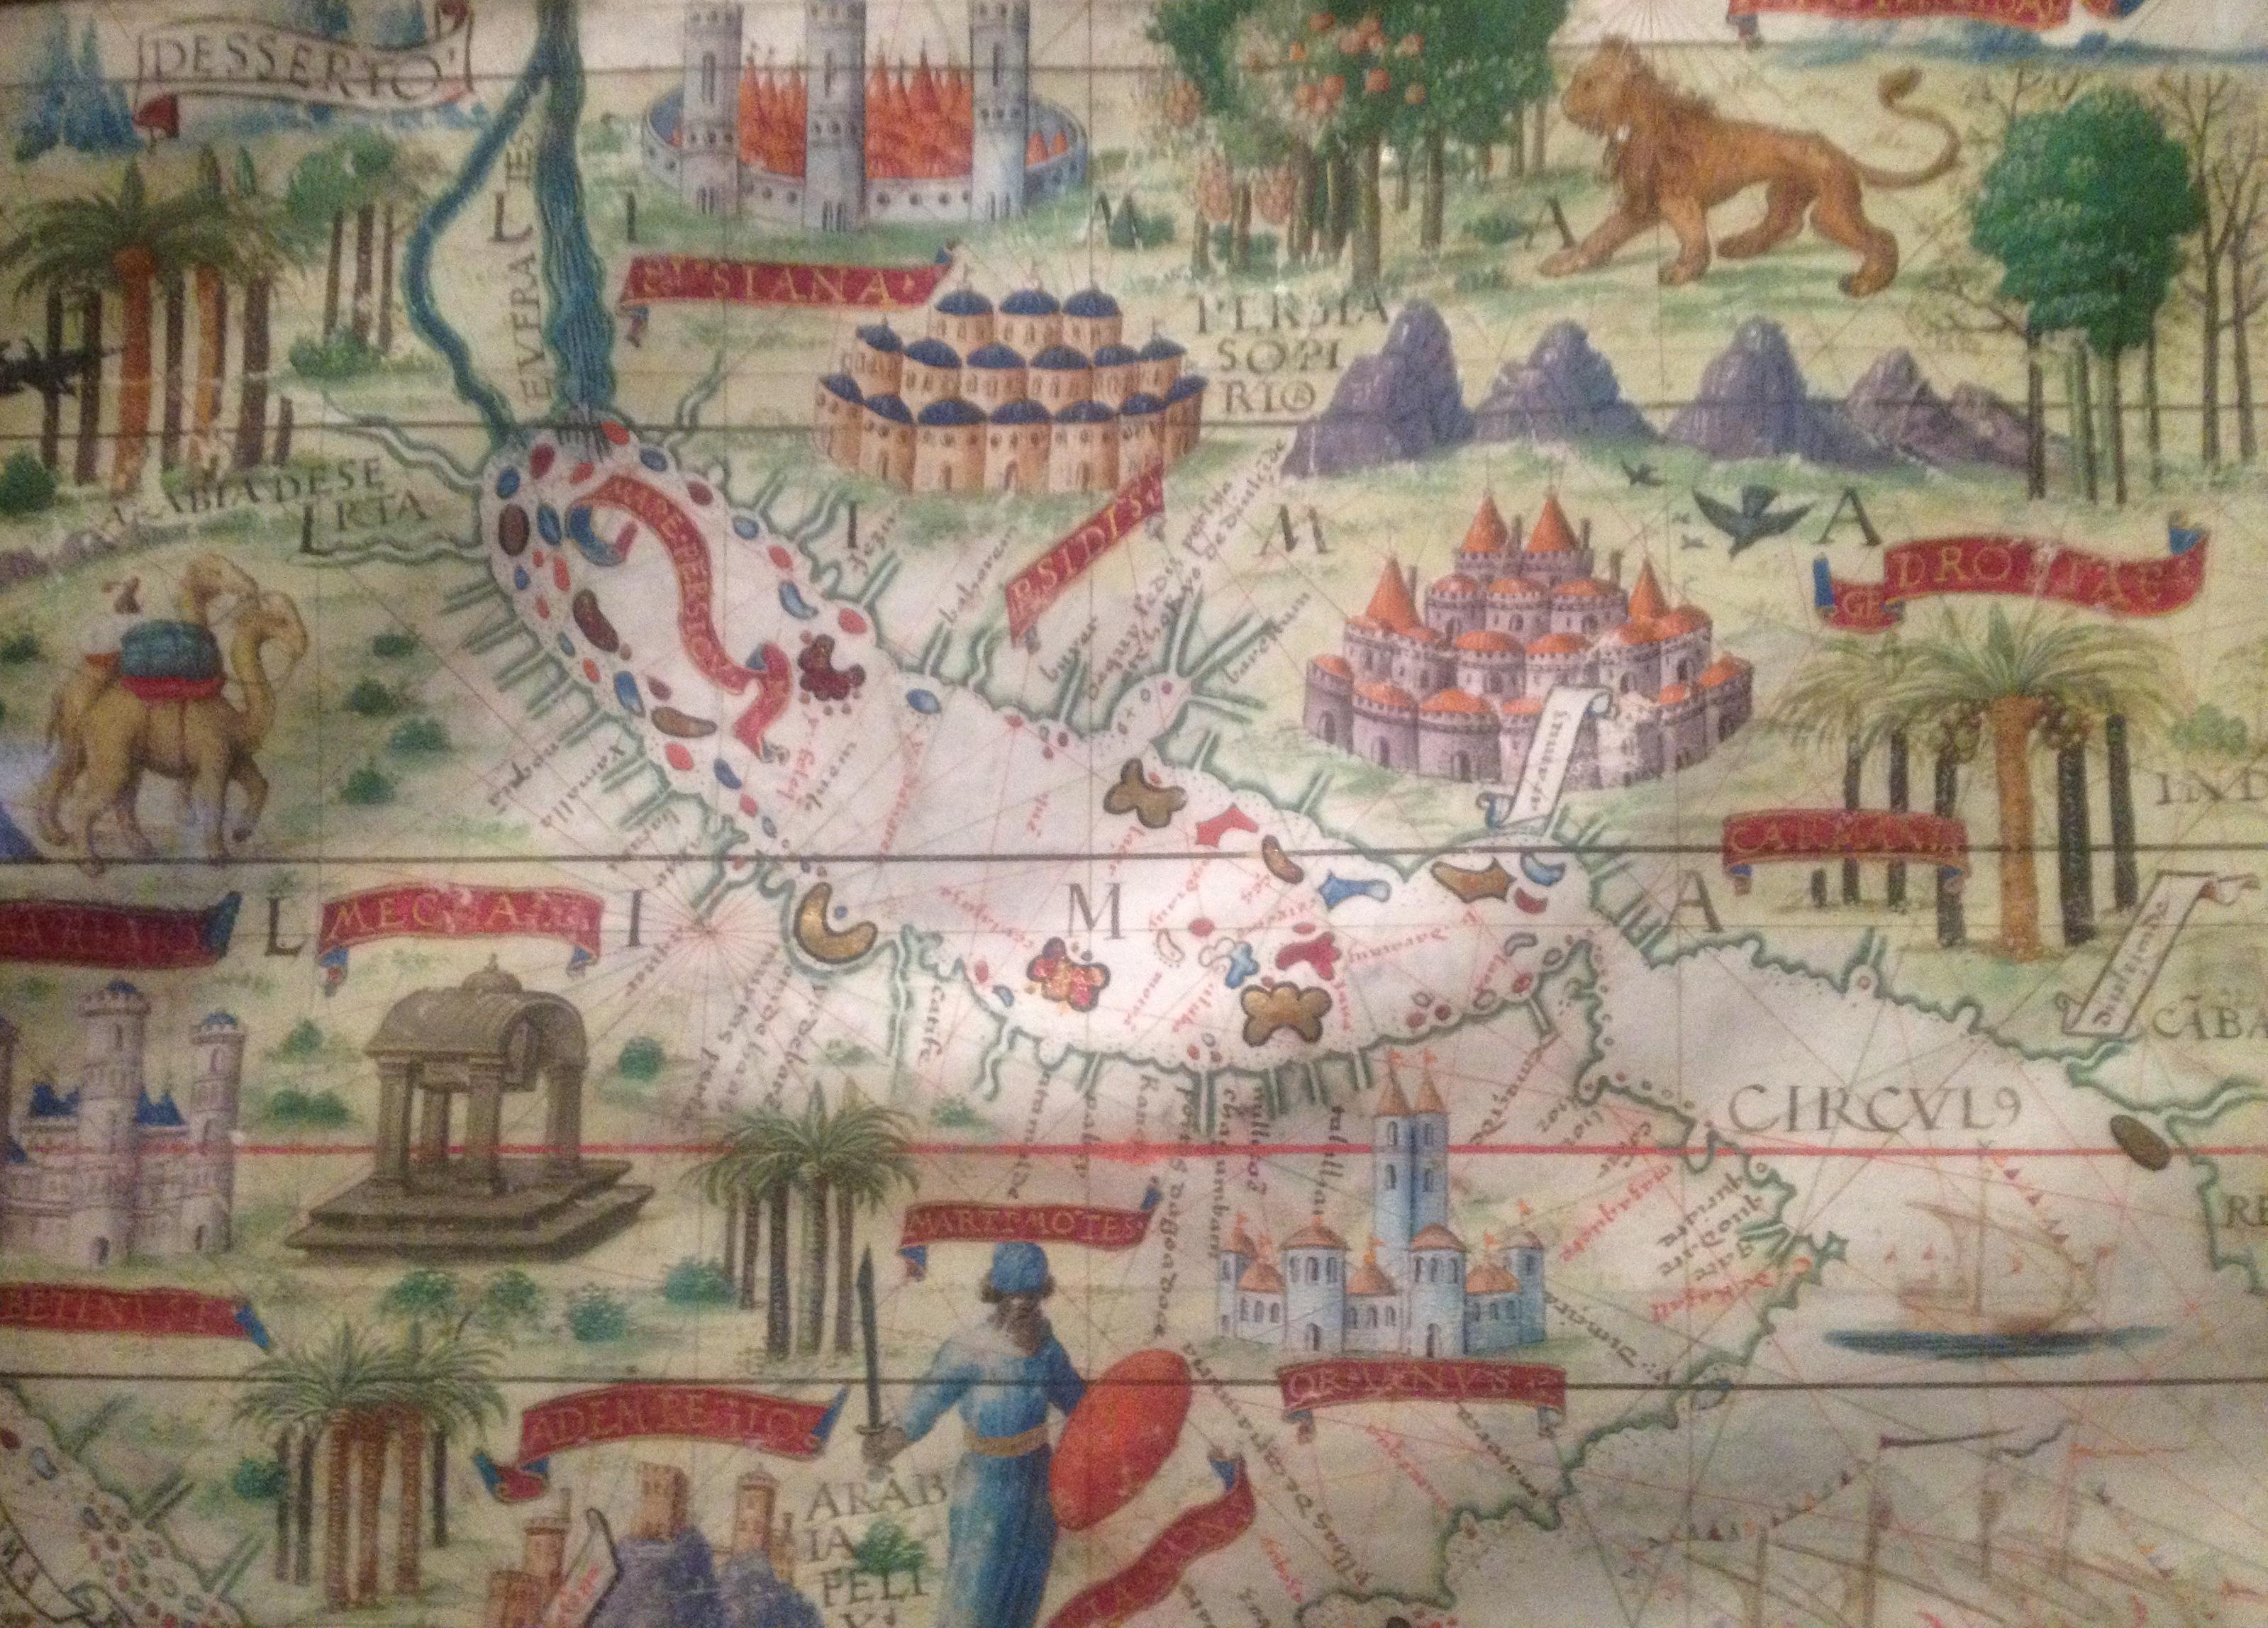 Fig. 2 : le golfe Persique représenté sur une carte de l'Arabie, de l'océan Indien et de l'Inde provenant de l'Atlas Miller, chef d'œuvre de la cartographie portugaise du début du XVIe s composé par Lopo Homen, Pedro et Jorge Reinel, Antónion de Holanda (enluminure sur vélin, 1519, Paris, BnF).